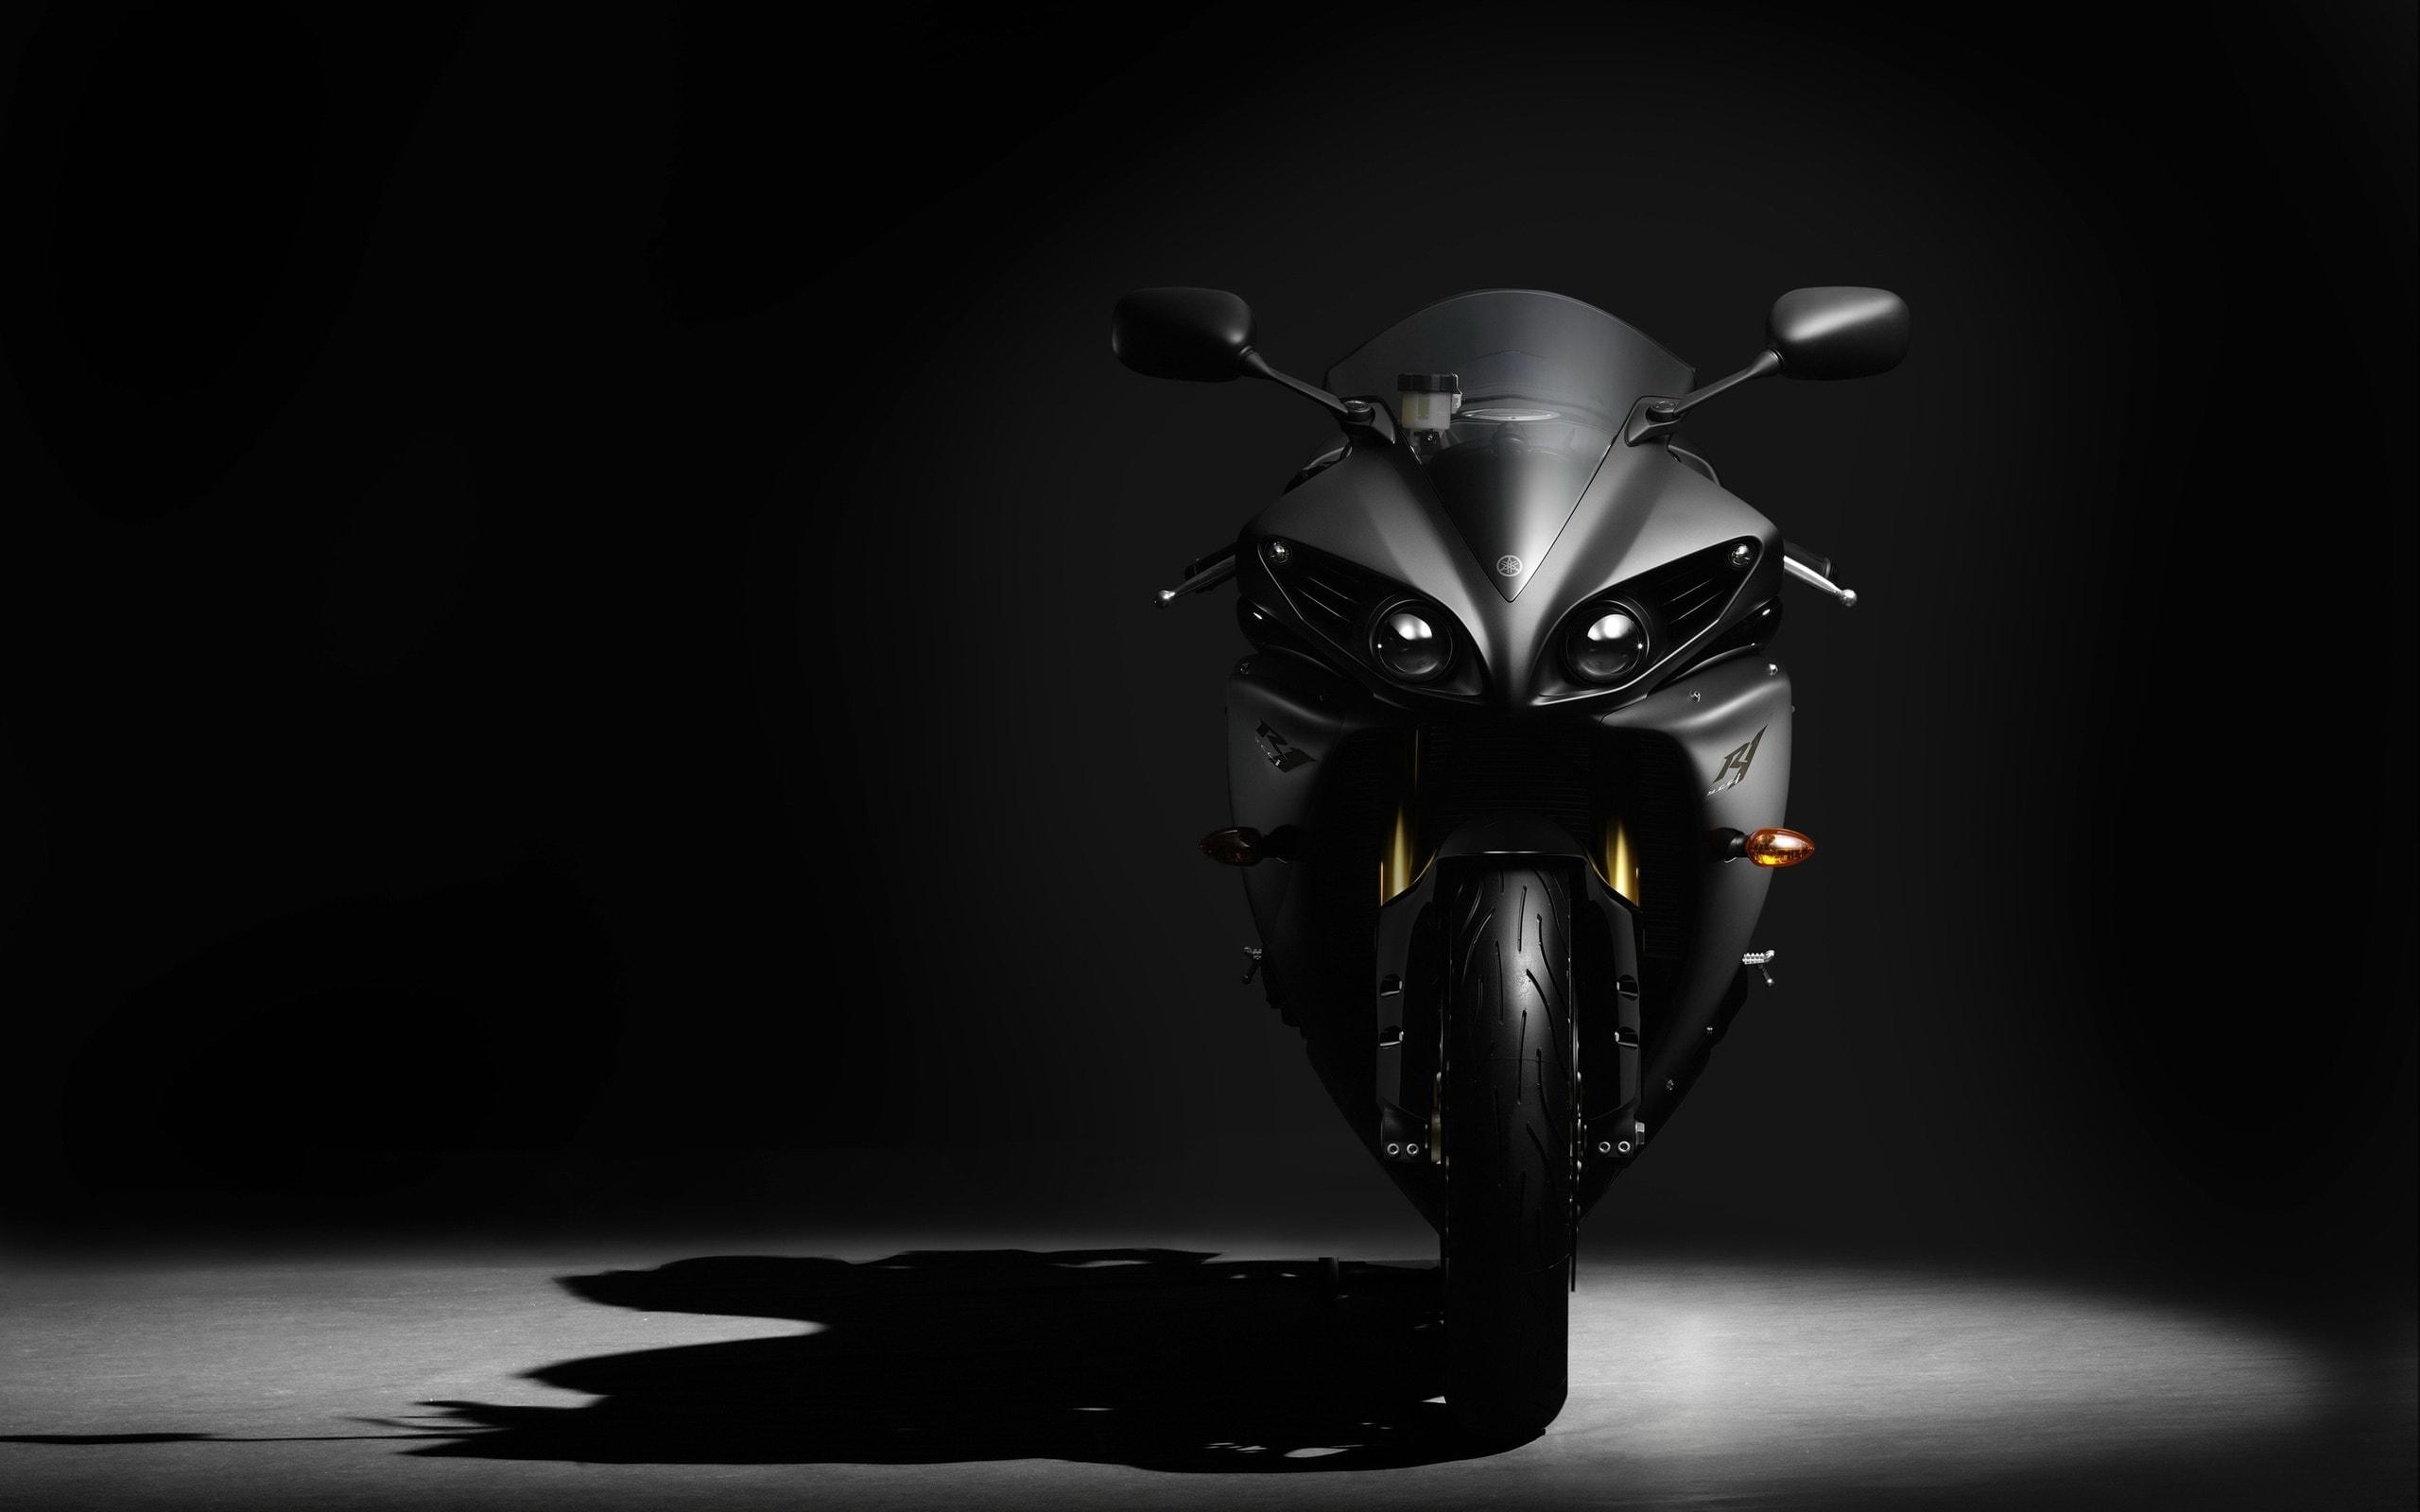 Yamaha YZF-R1 2012 High